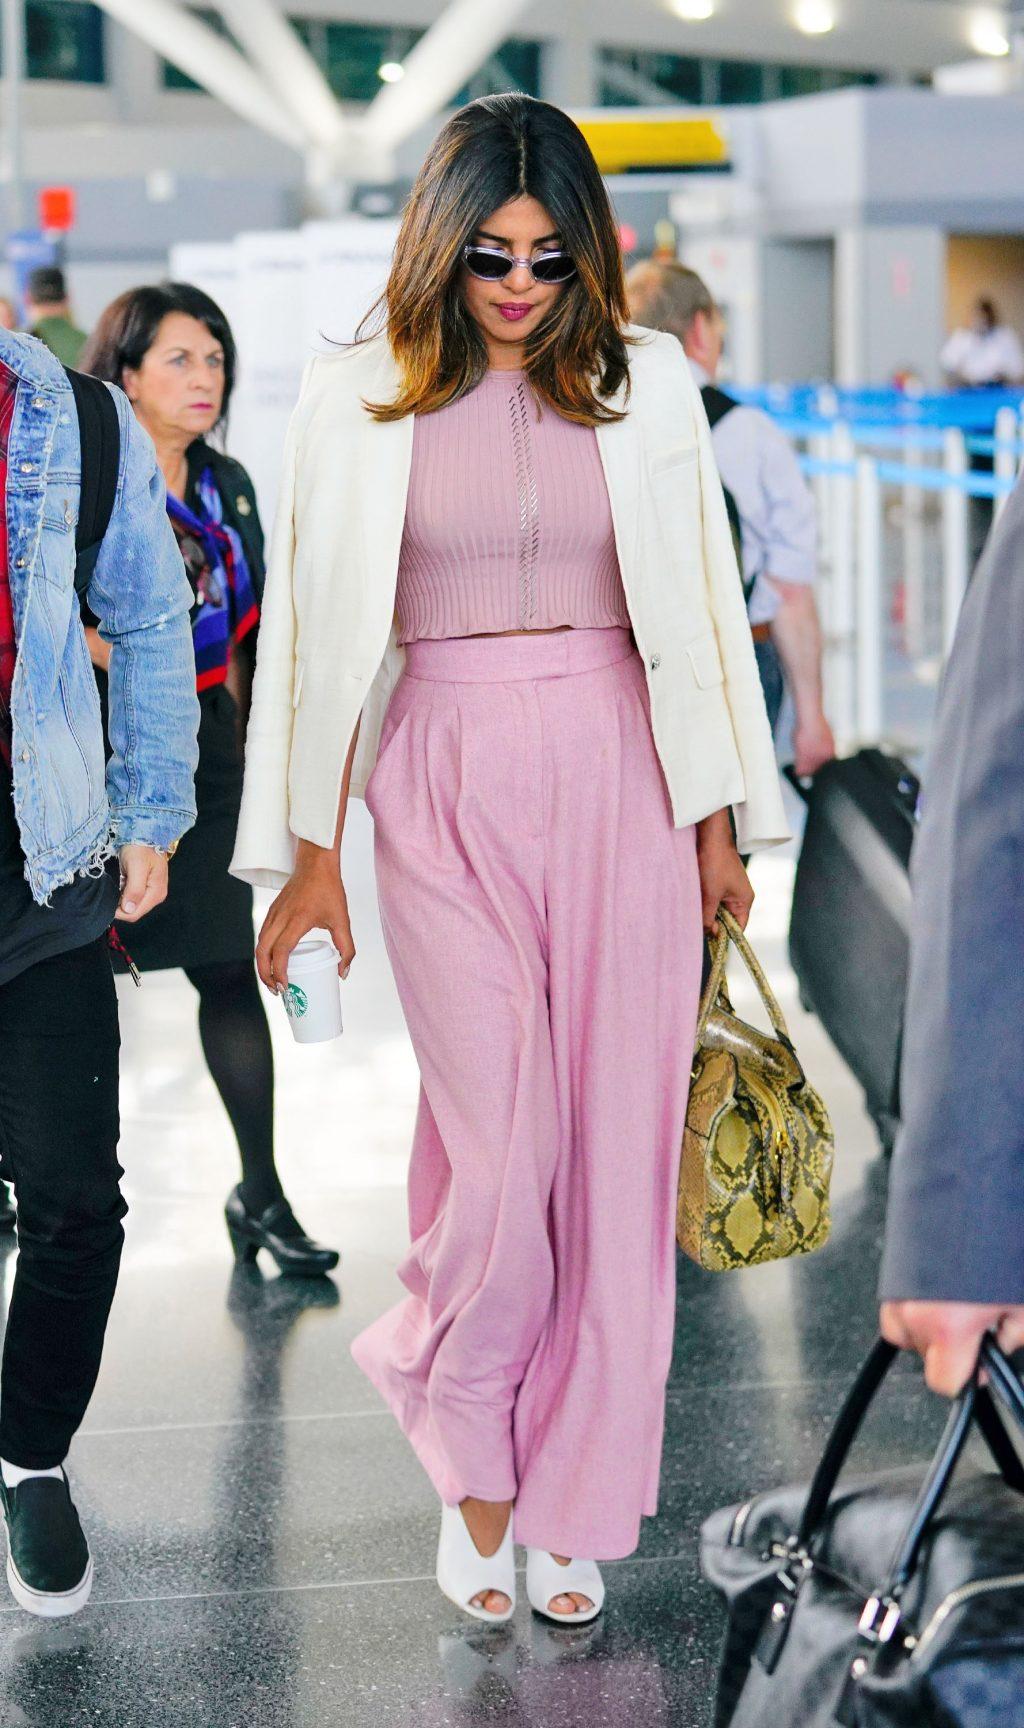 thời trang cung hoàng đạo cự giải của priyanka chopra crop top quần hồng